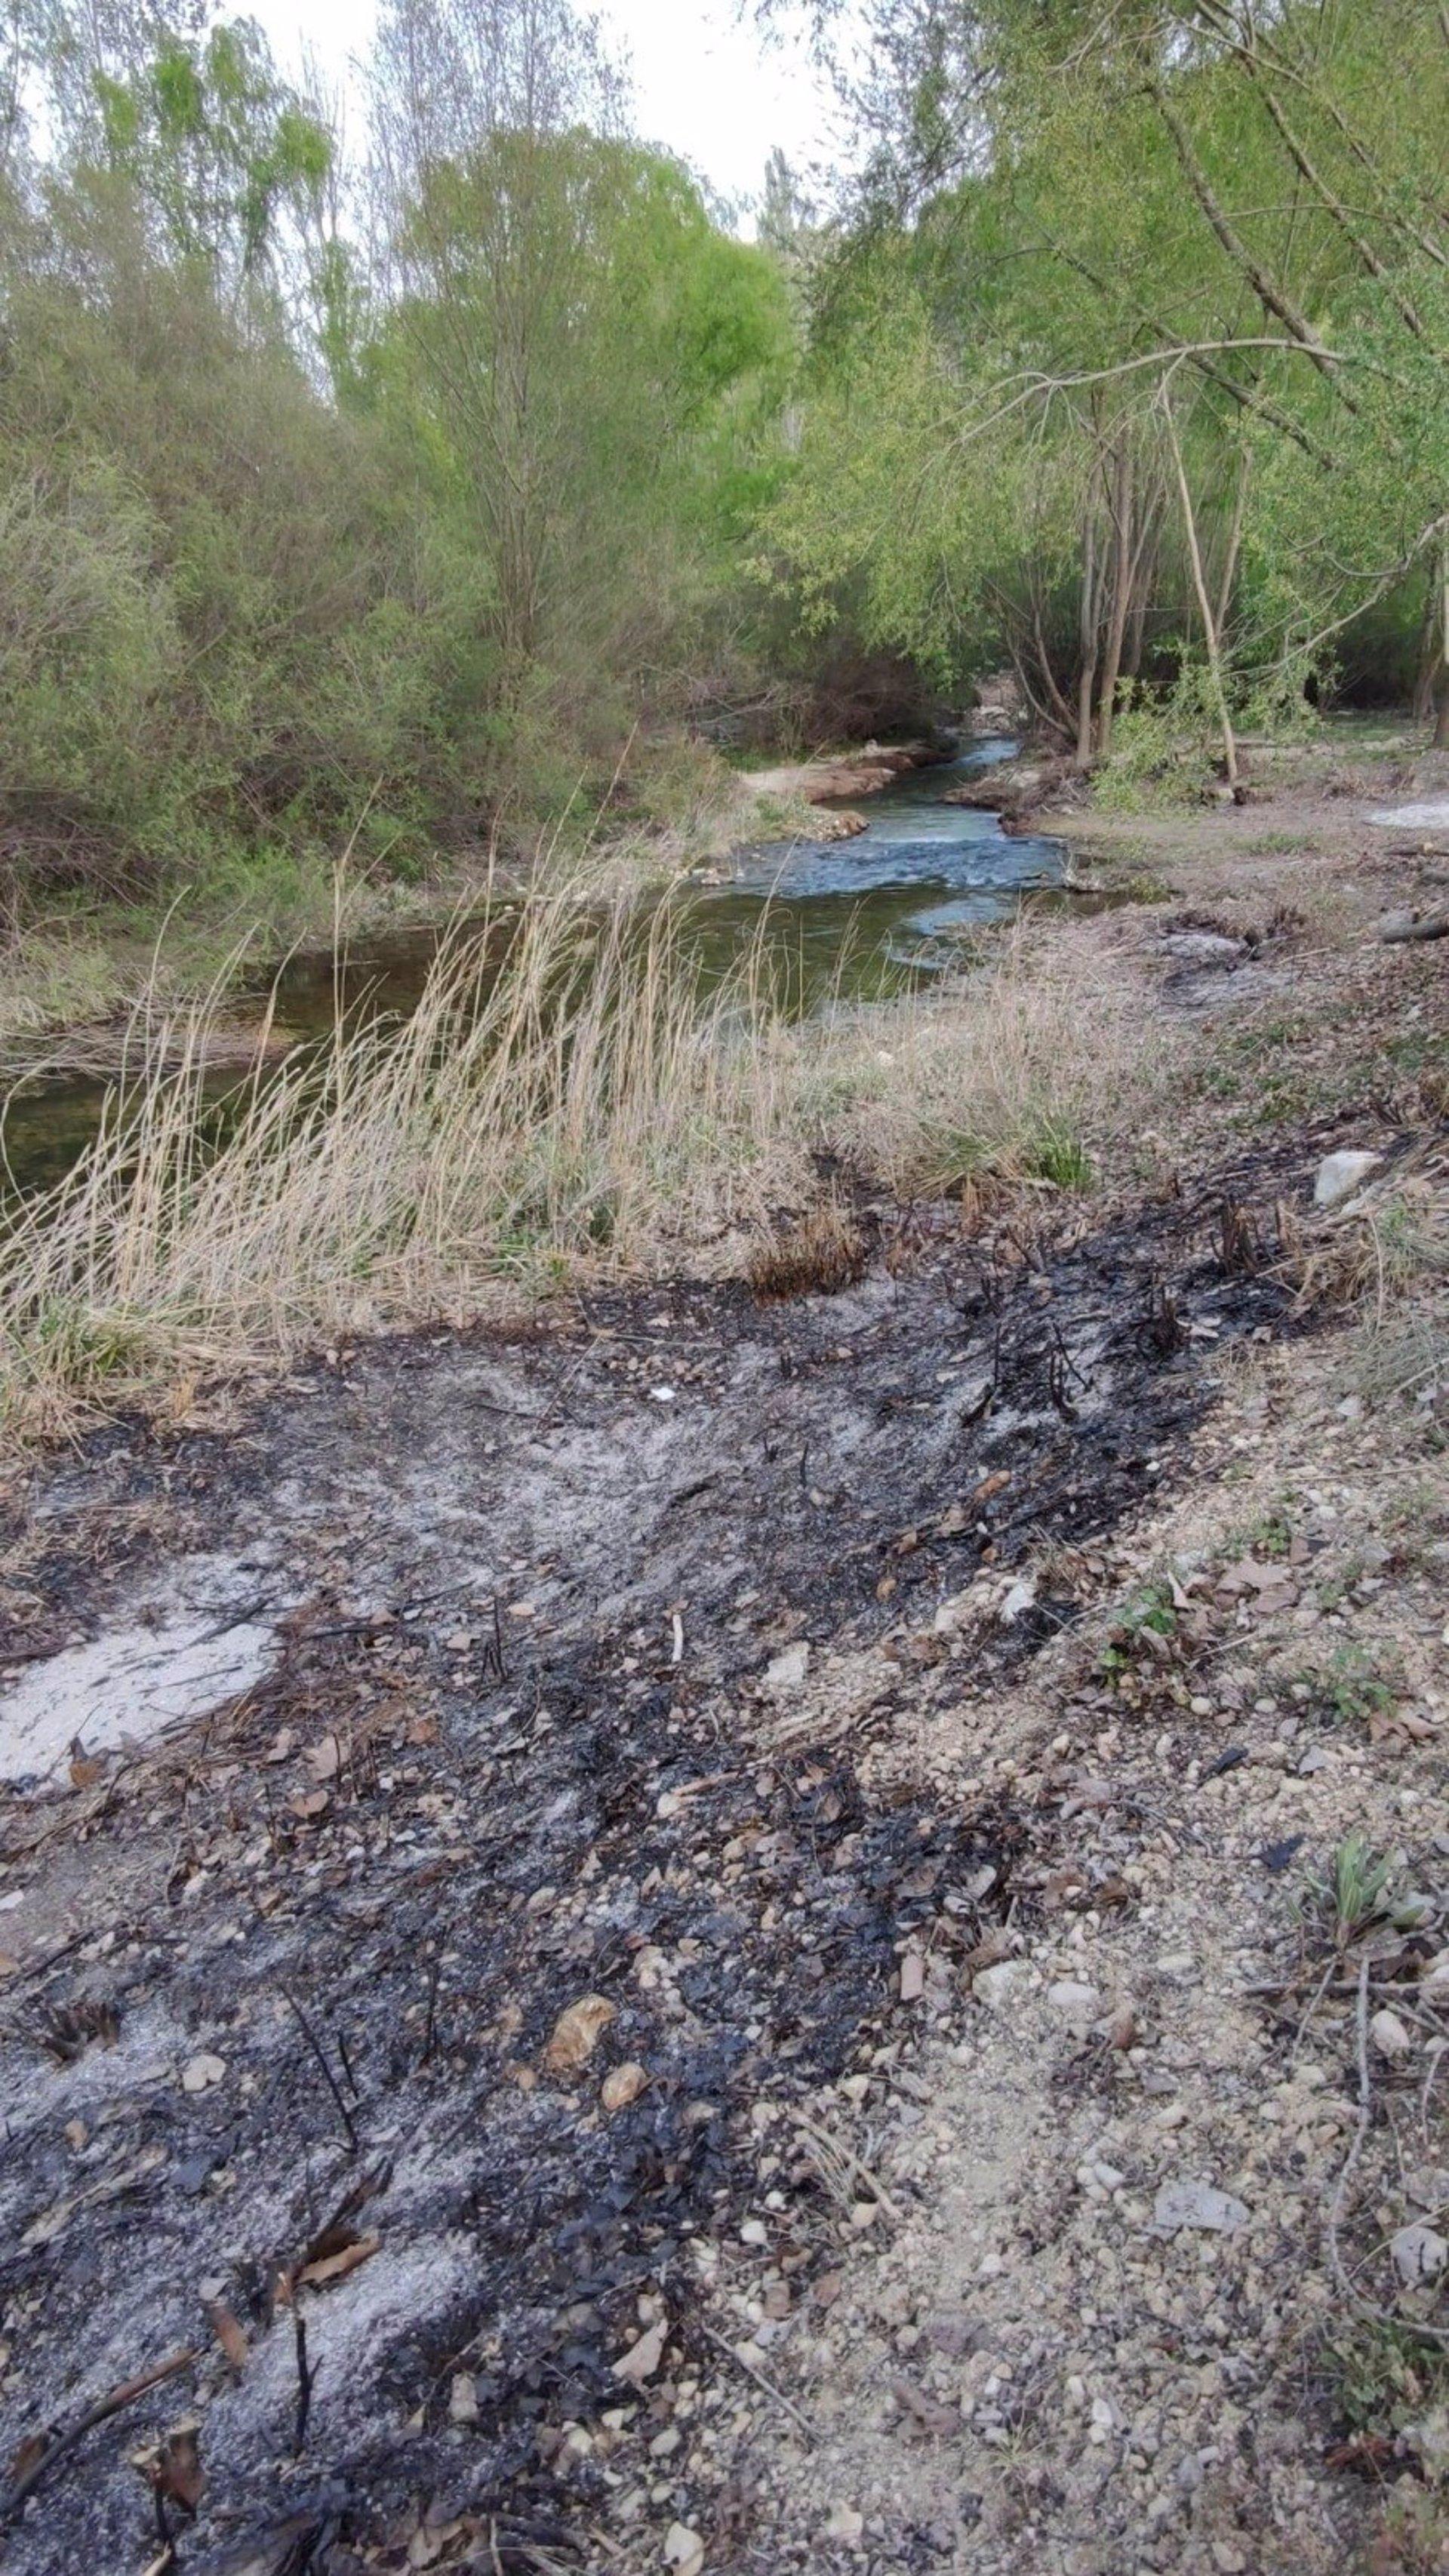 La Fiscalía investiga la posible destrucción de paraje protegido en los márgenes del río Castril